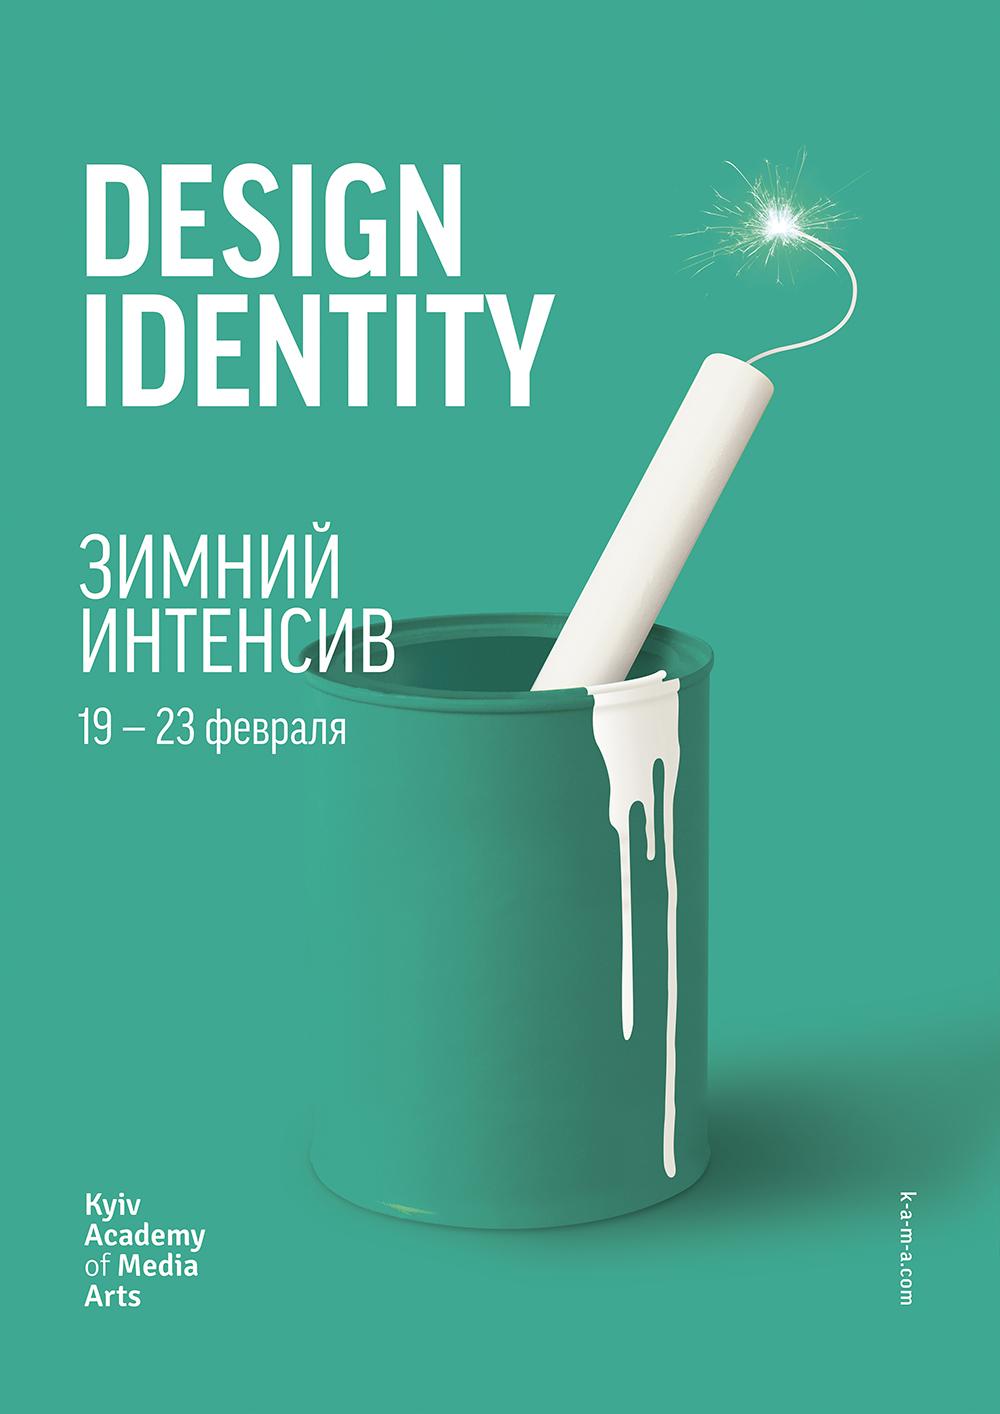 shkola_branding.jpg